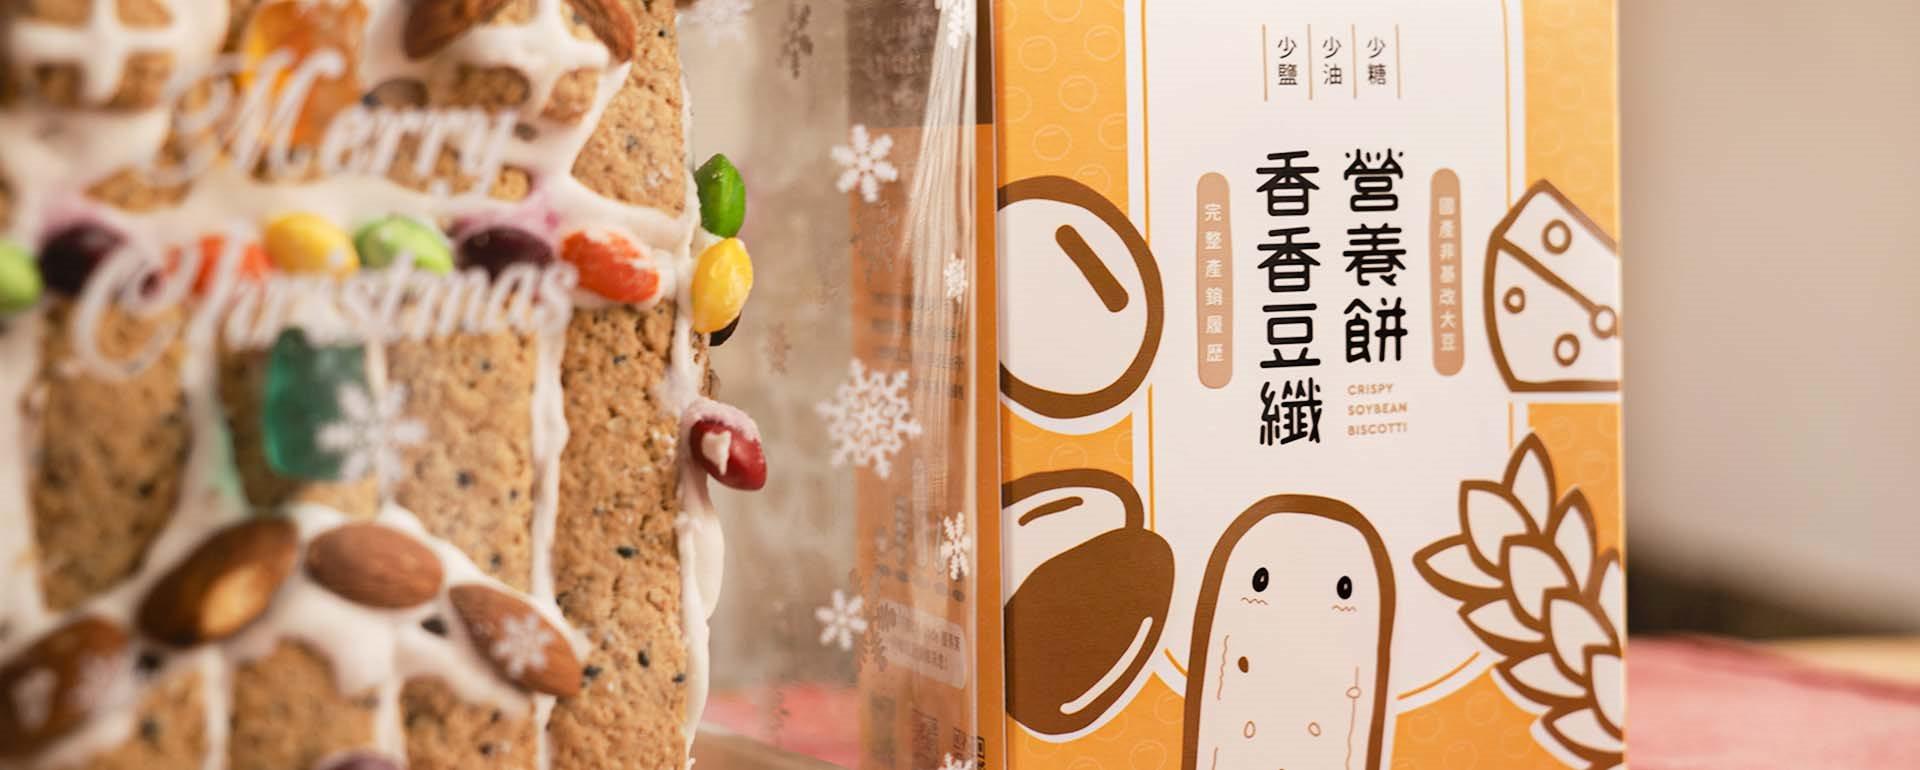 聖誕節快樂,一起DIY薑餅屋蓋「香香豆纖營養餅聖誕小屋」